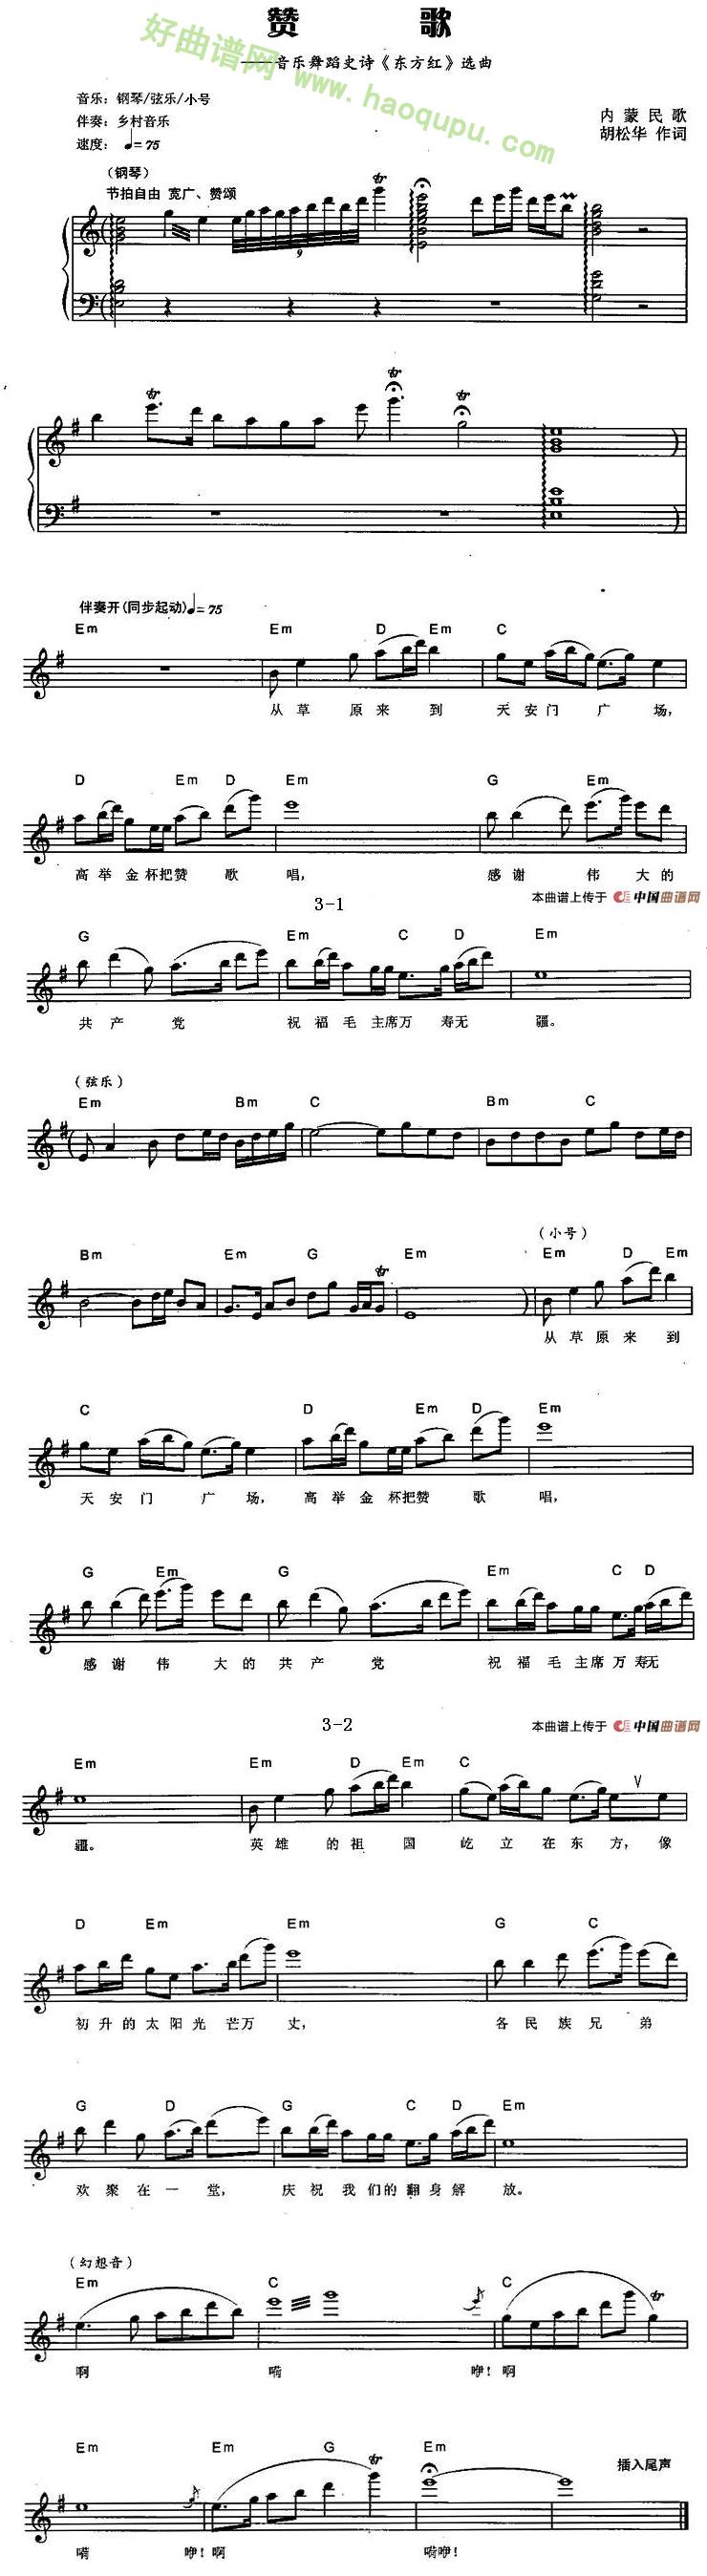 《赞歌》(弹唱谱)电子琴简谱第1张